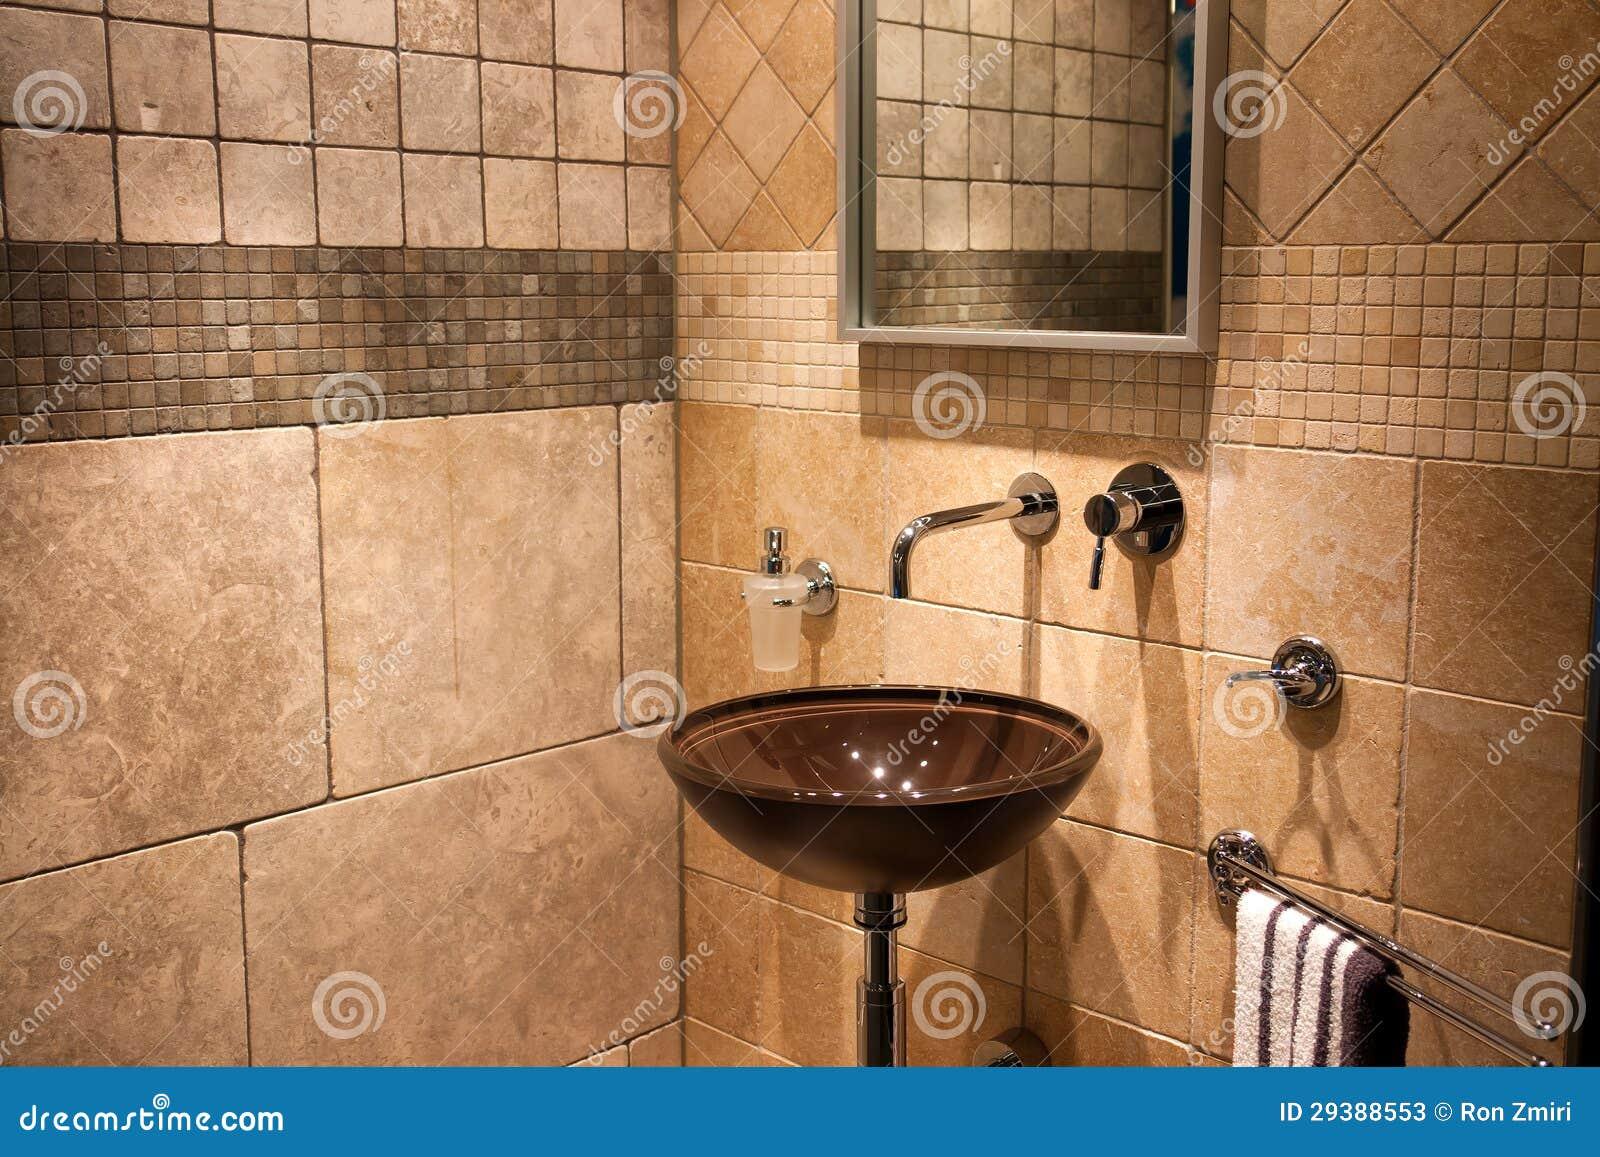 Bello Bagno Moderno Nella Nuova Casa Di Lusso Immagine Stock - Immagine: 29388553